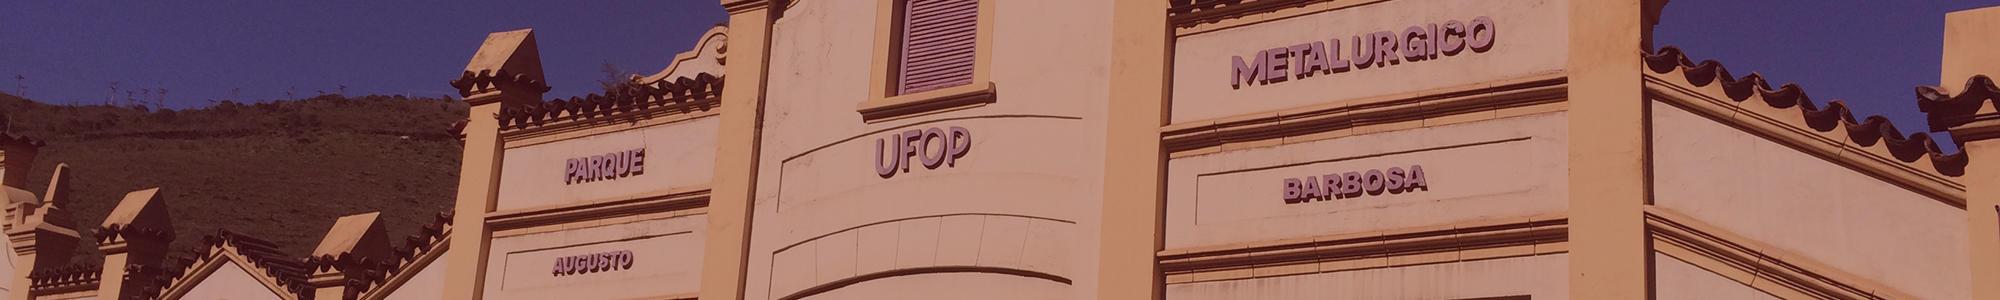 Imagem da fachada do Centro de Artes e Convenções da UFOP